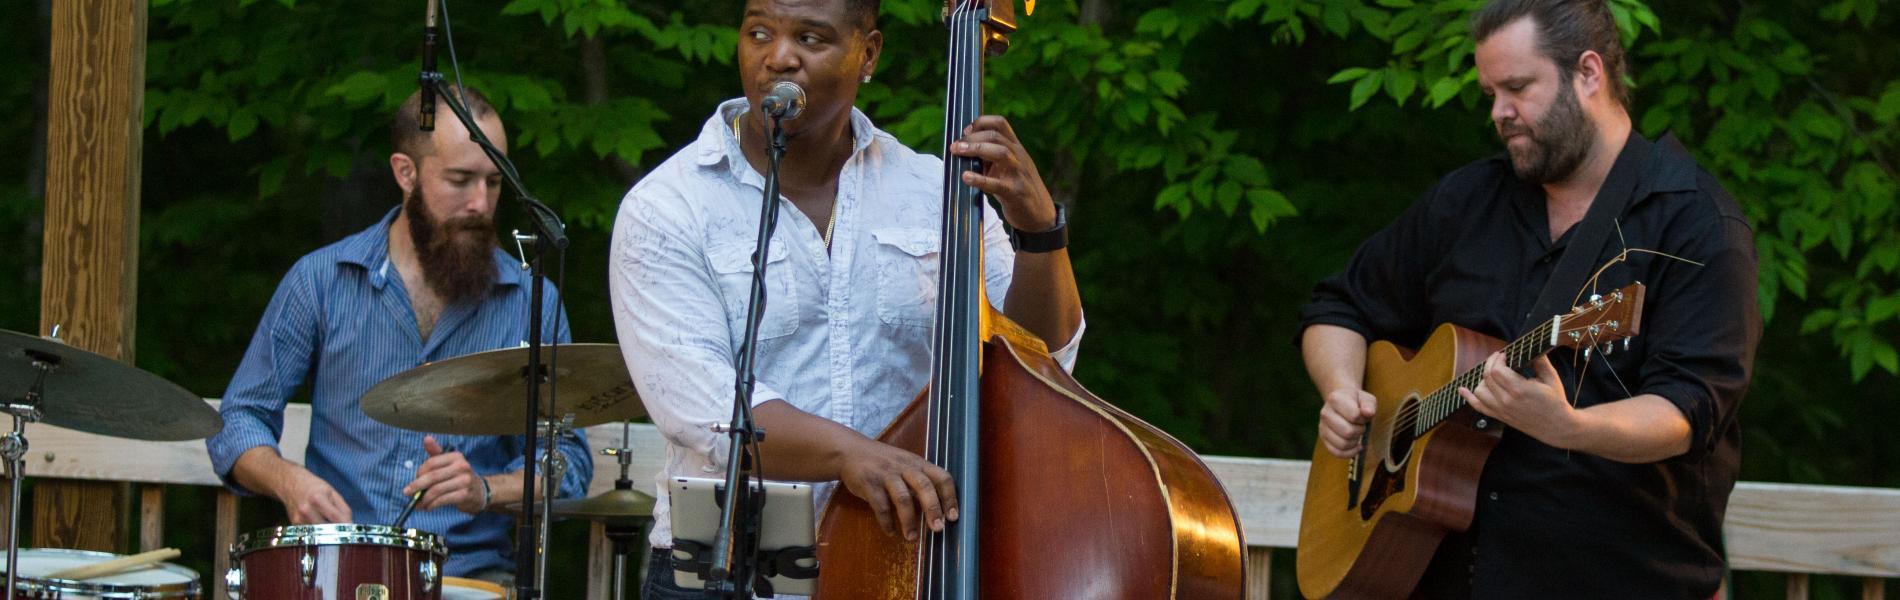 Reggie Sullivan Band